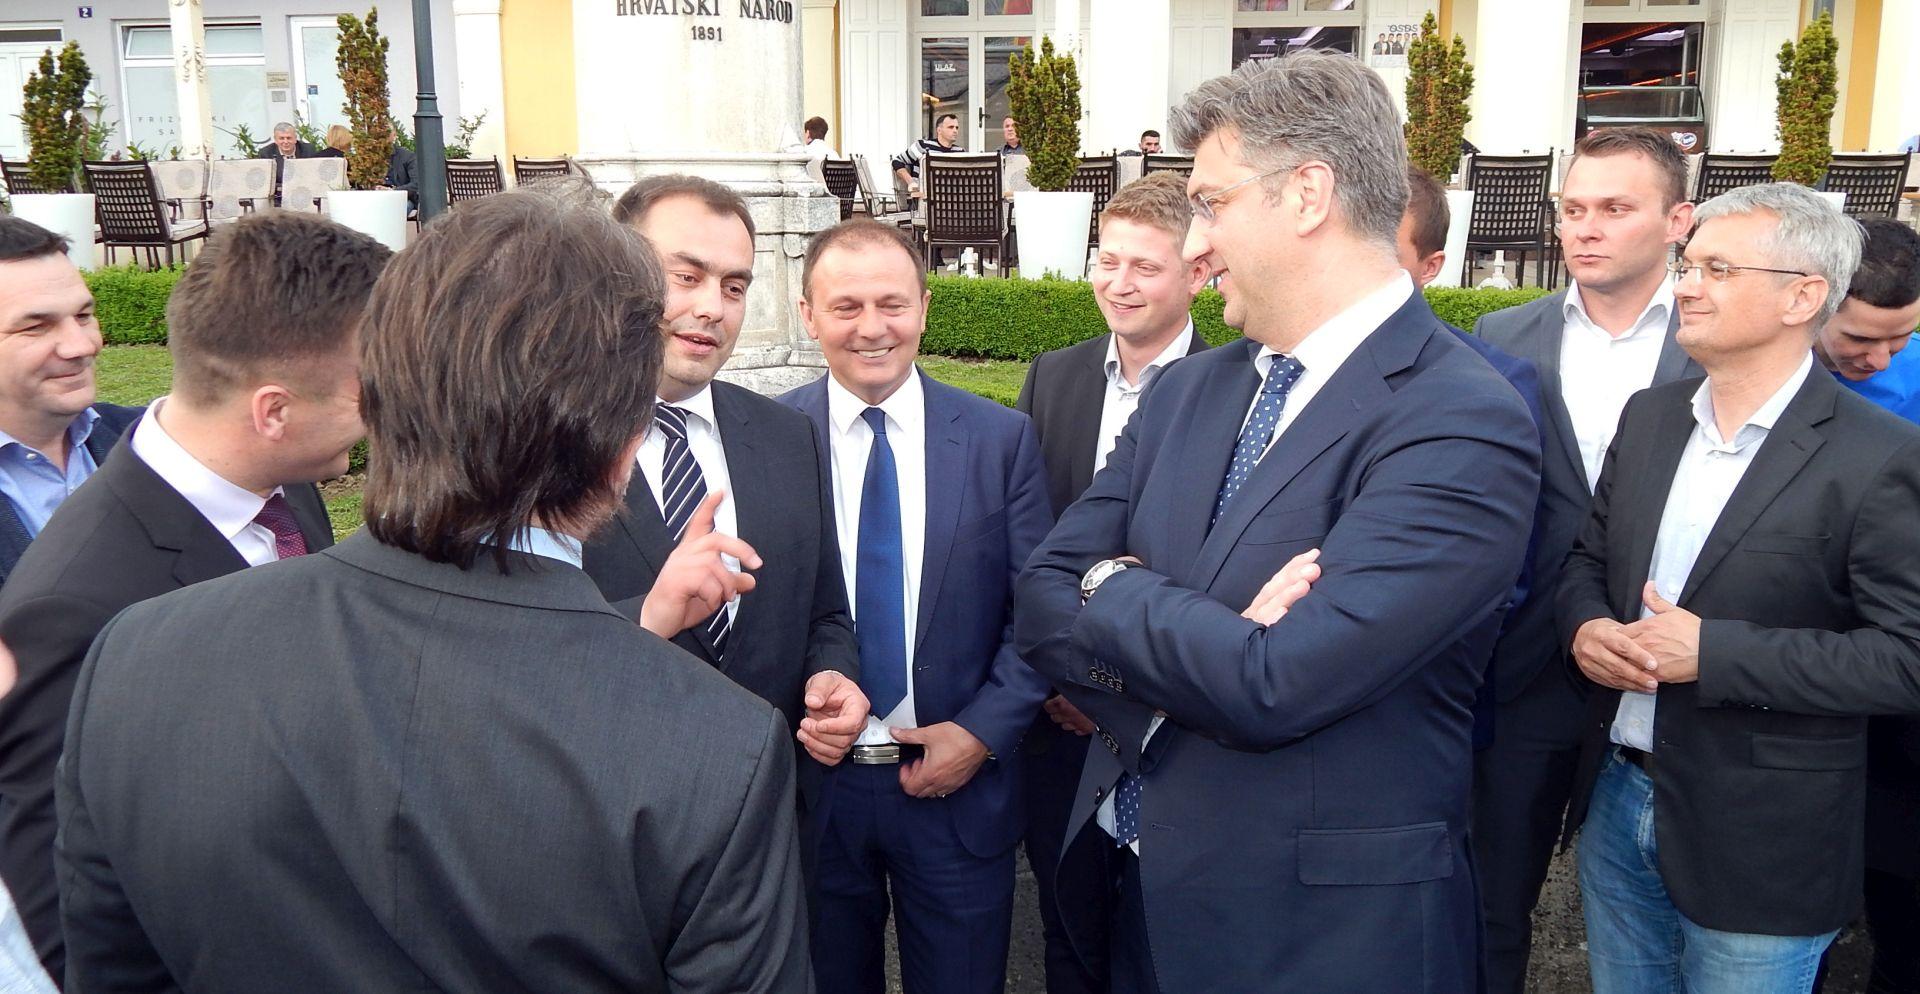 Plenković u Krapini podržao kandidate Ranogajca i Gregurevića